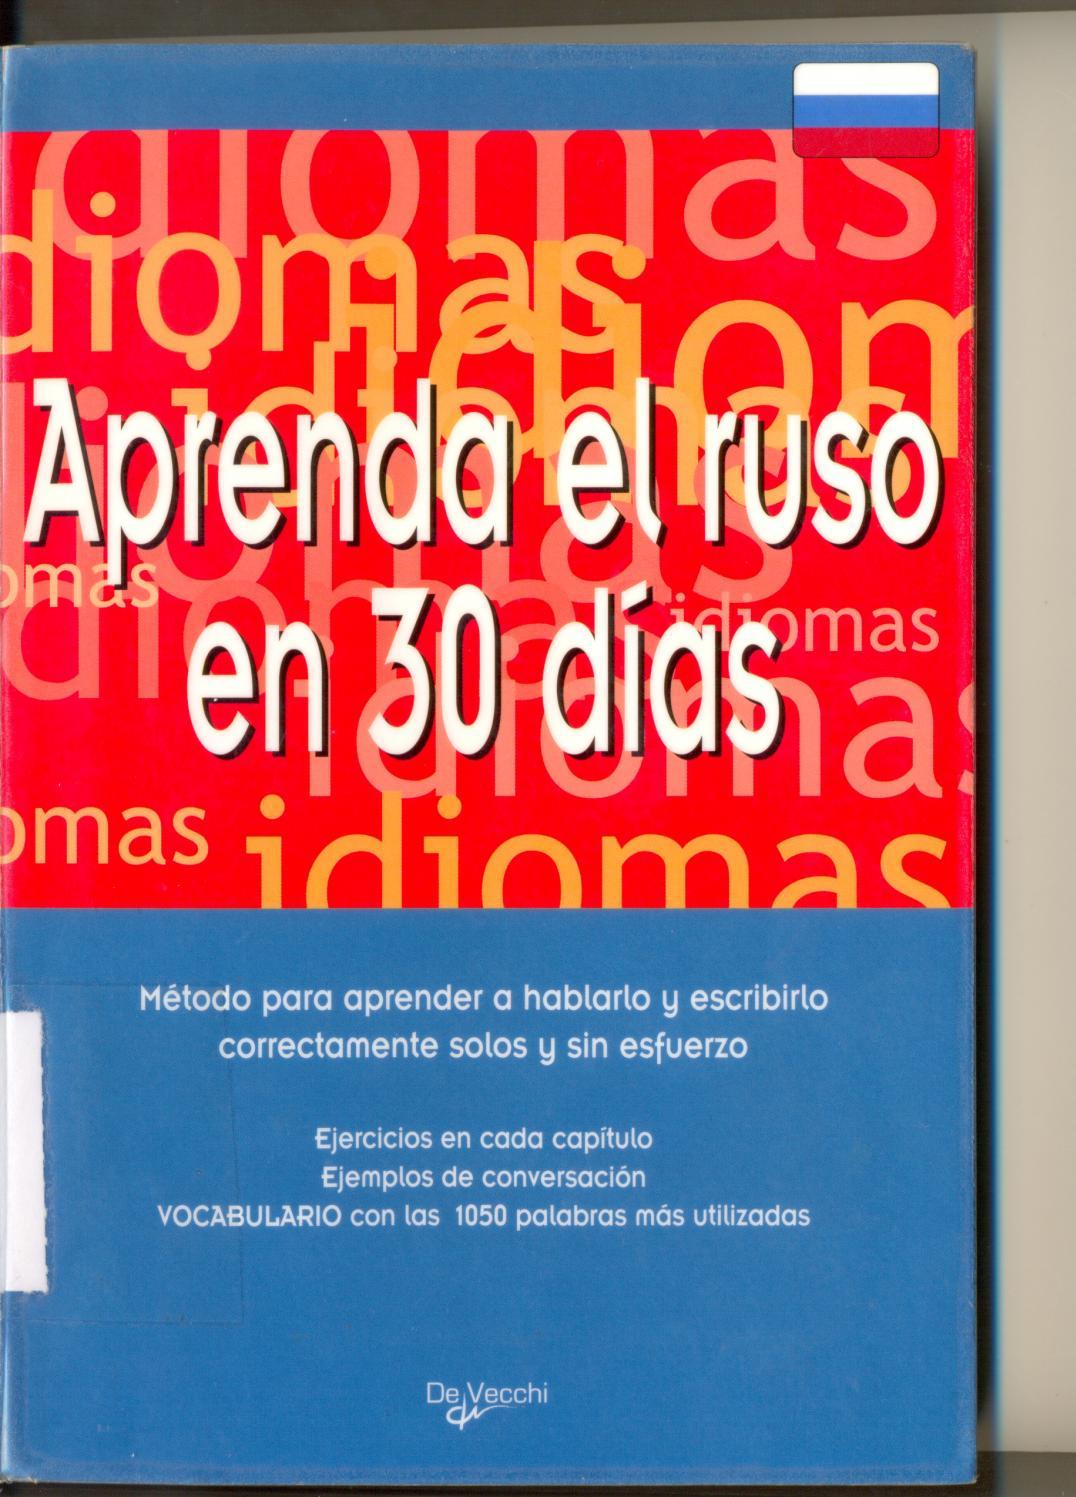 Aprenda El Ruso En 30 Dias Ribera M De Vecchi 2006 By